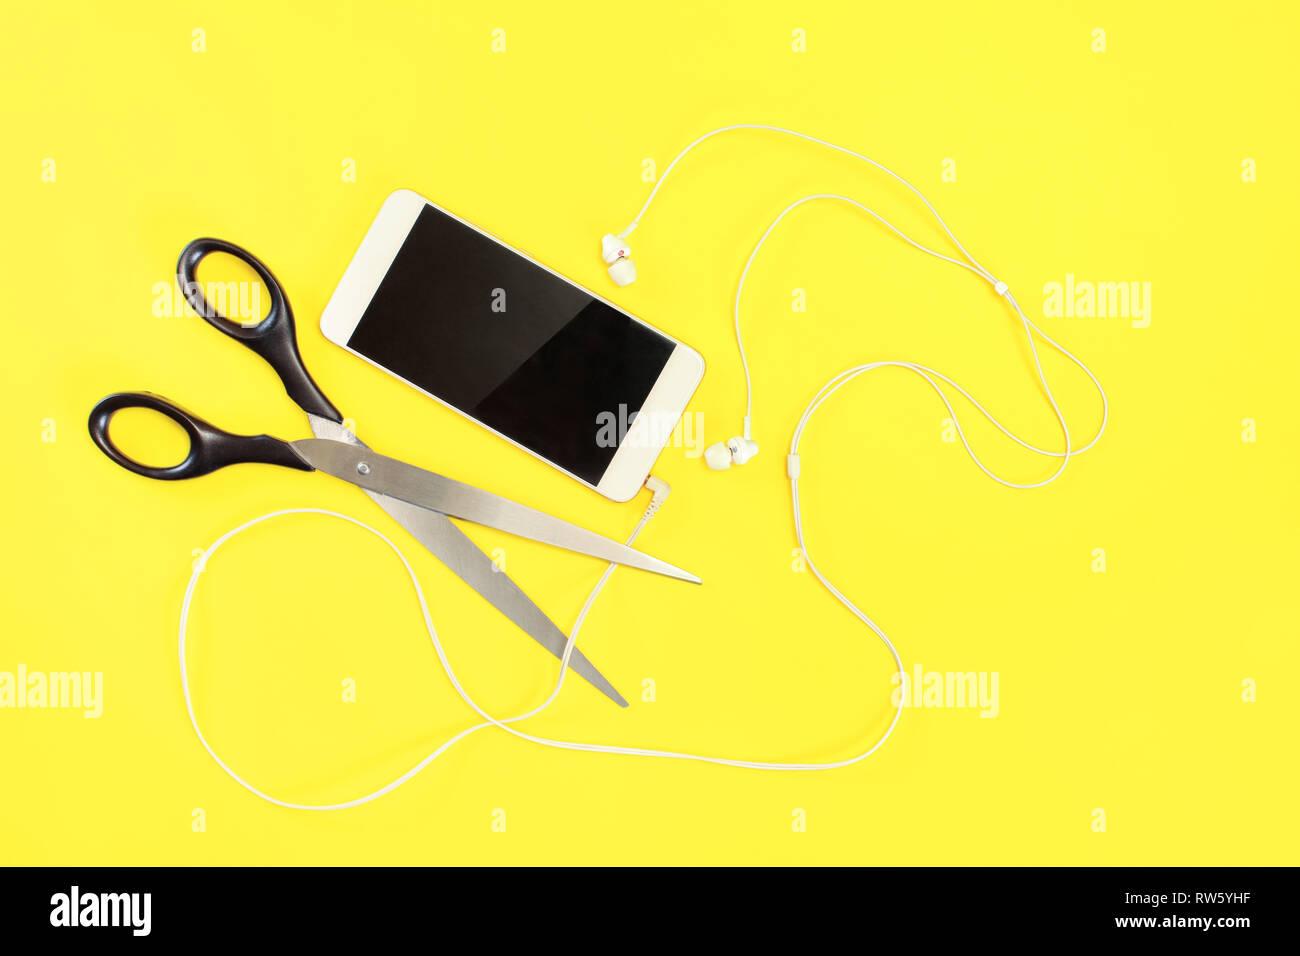 Appartamento Foto Laici Bianco Telefono Cellulare Con Auricolari